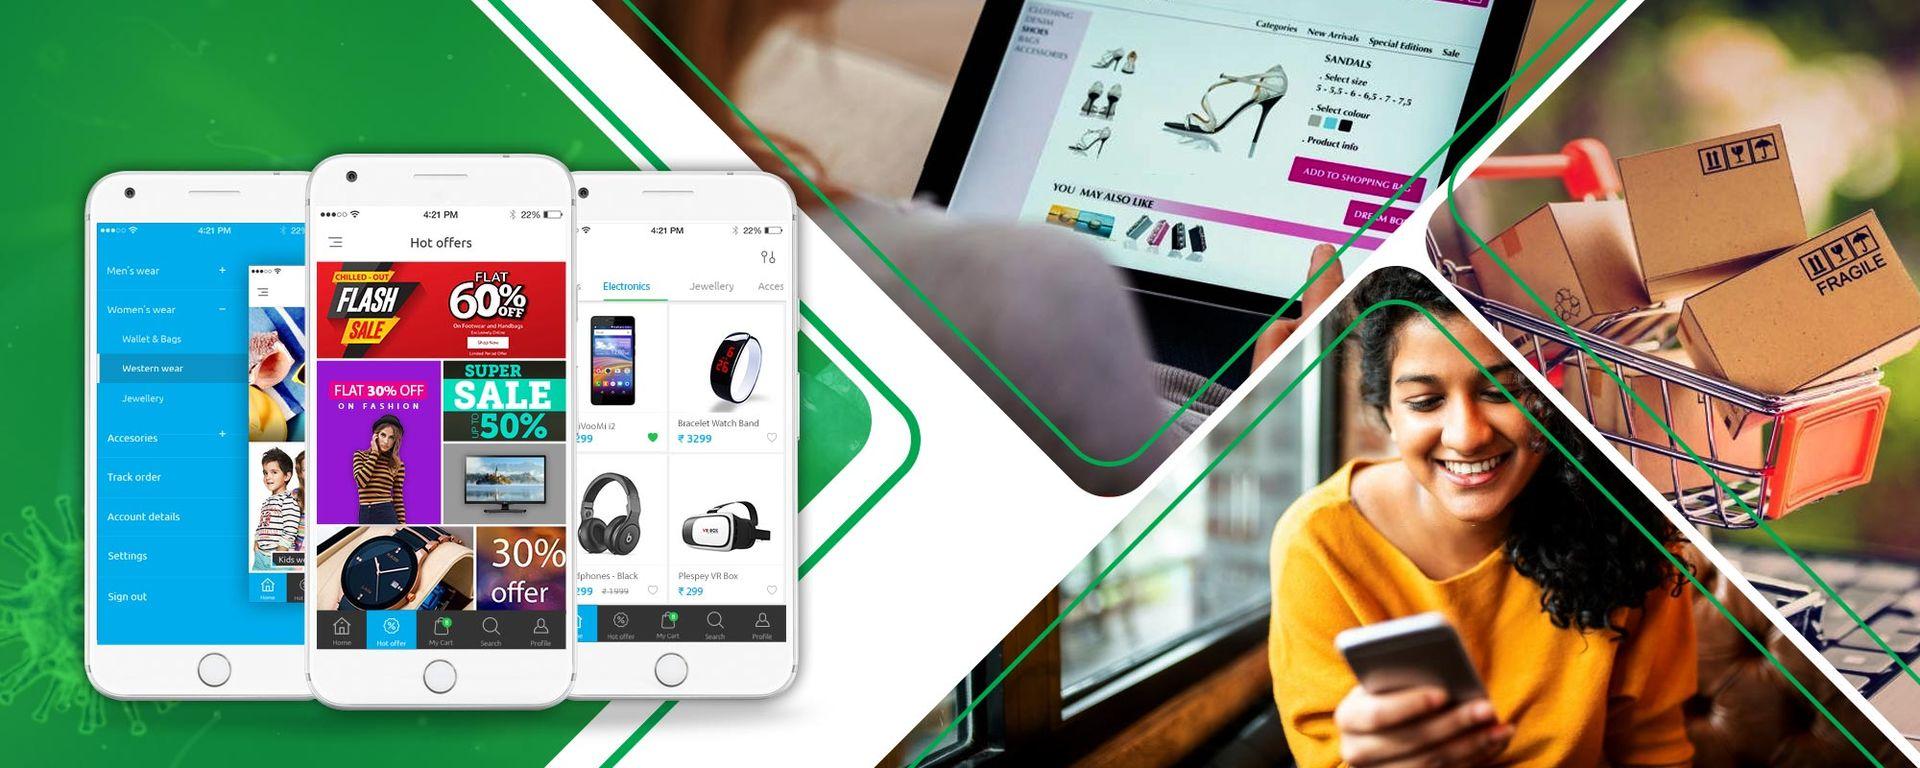 Launch E-commerce & Niche Delivery Apps to Overcome COVID-19 Lockdown